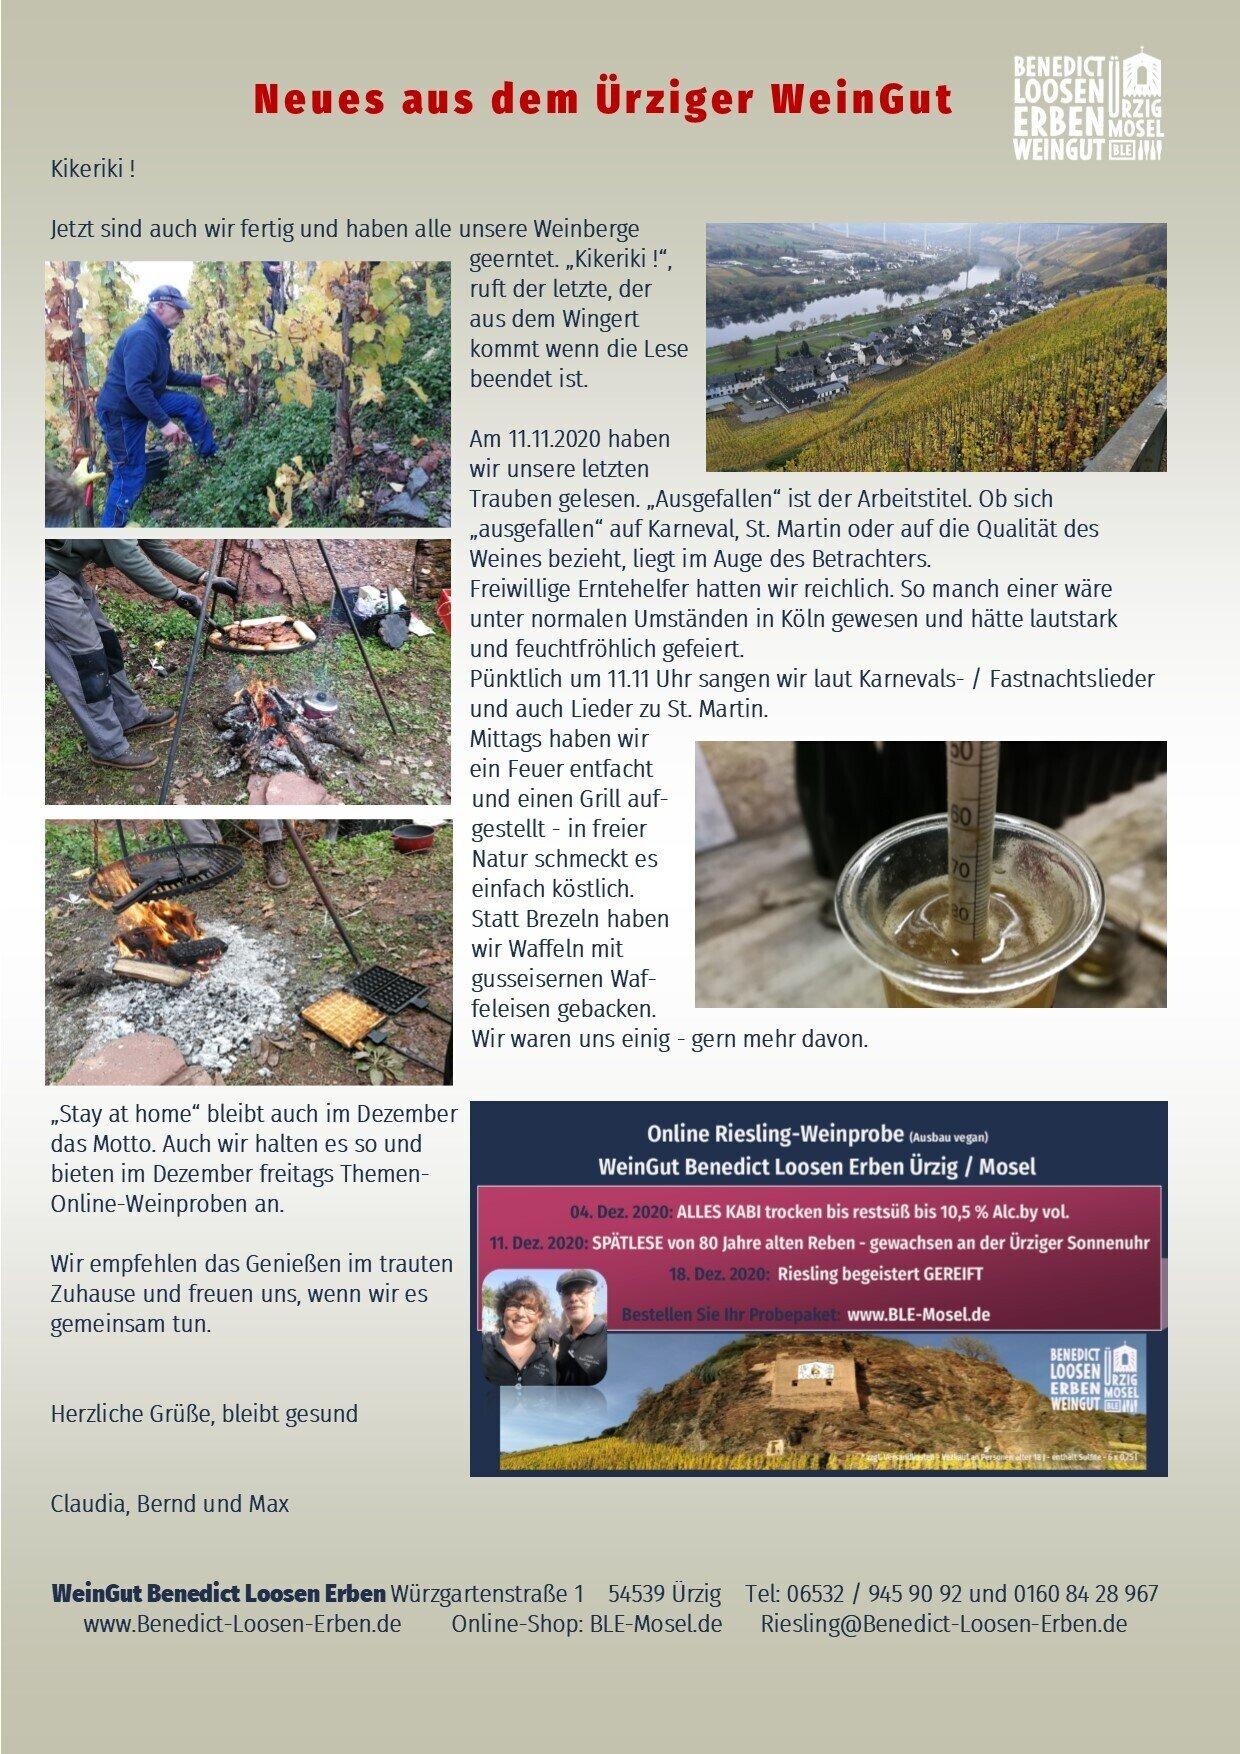 Herbst-Neuigkeiten aus dem WeinGut Benedict Loosen Erben